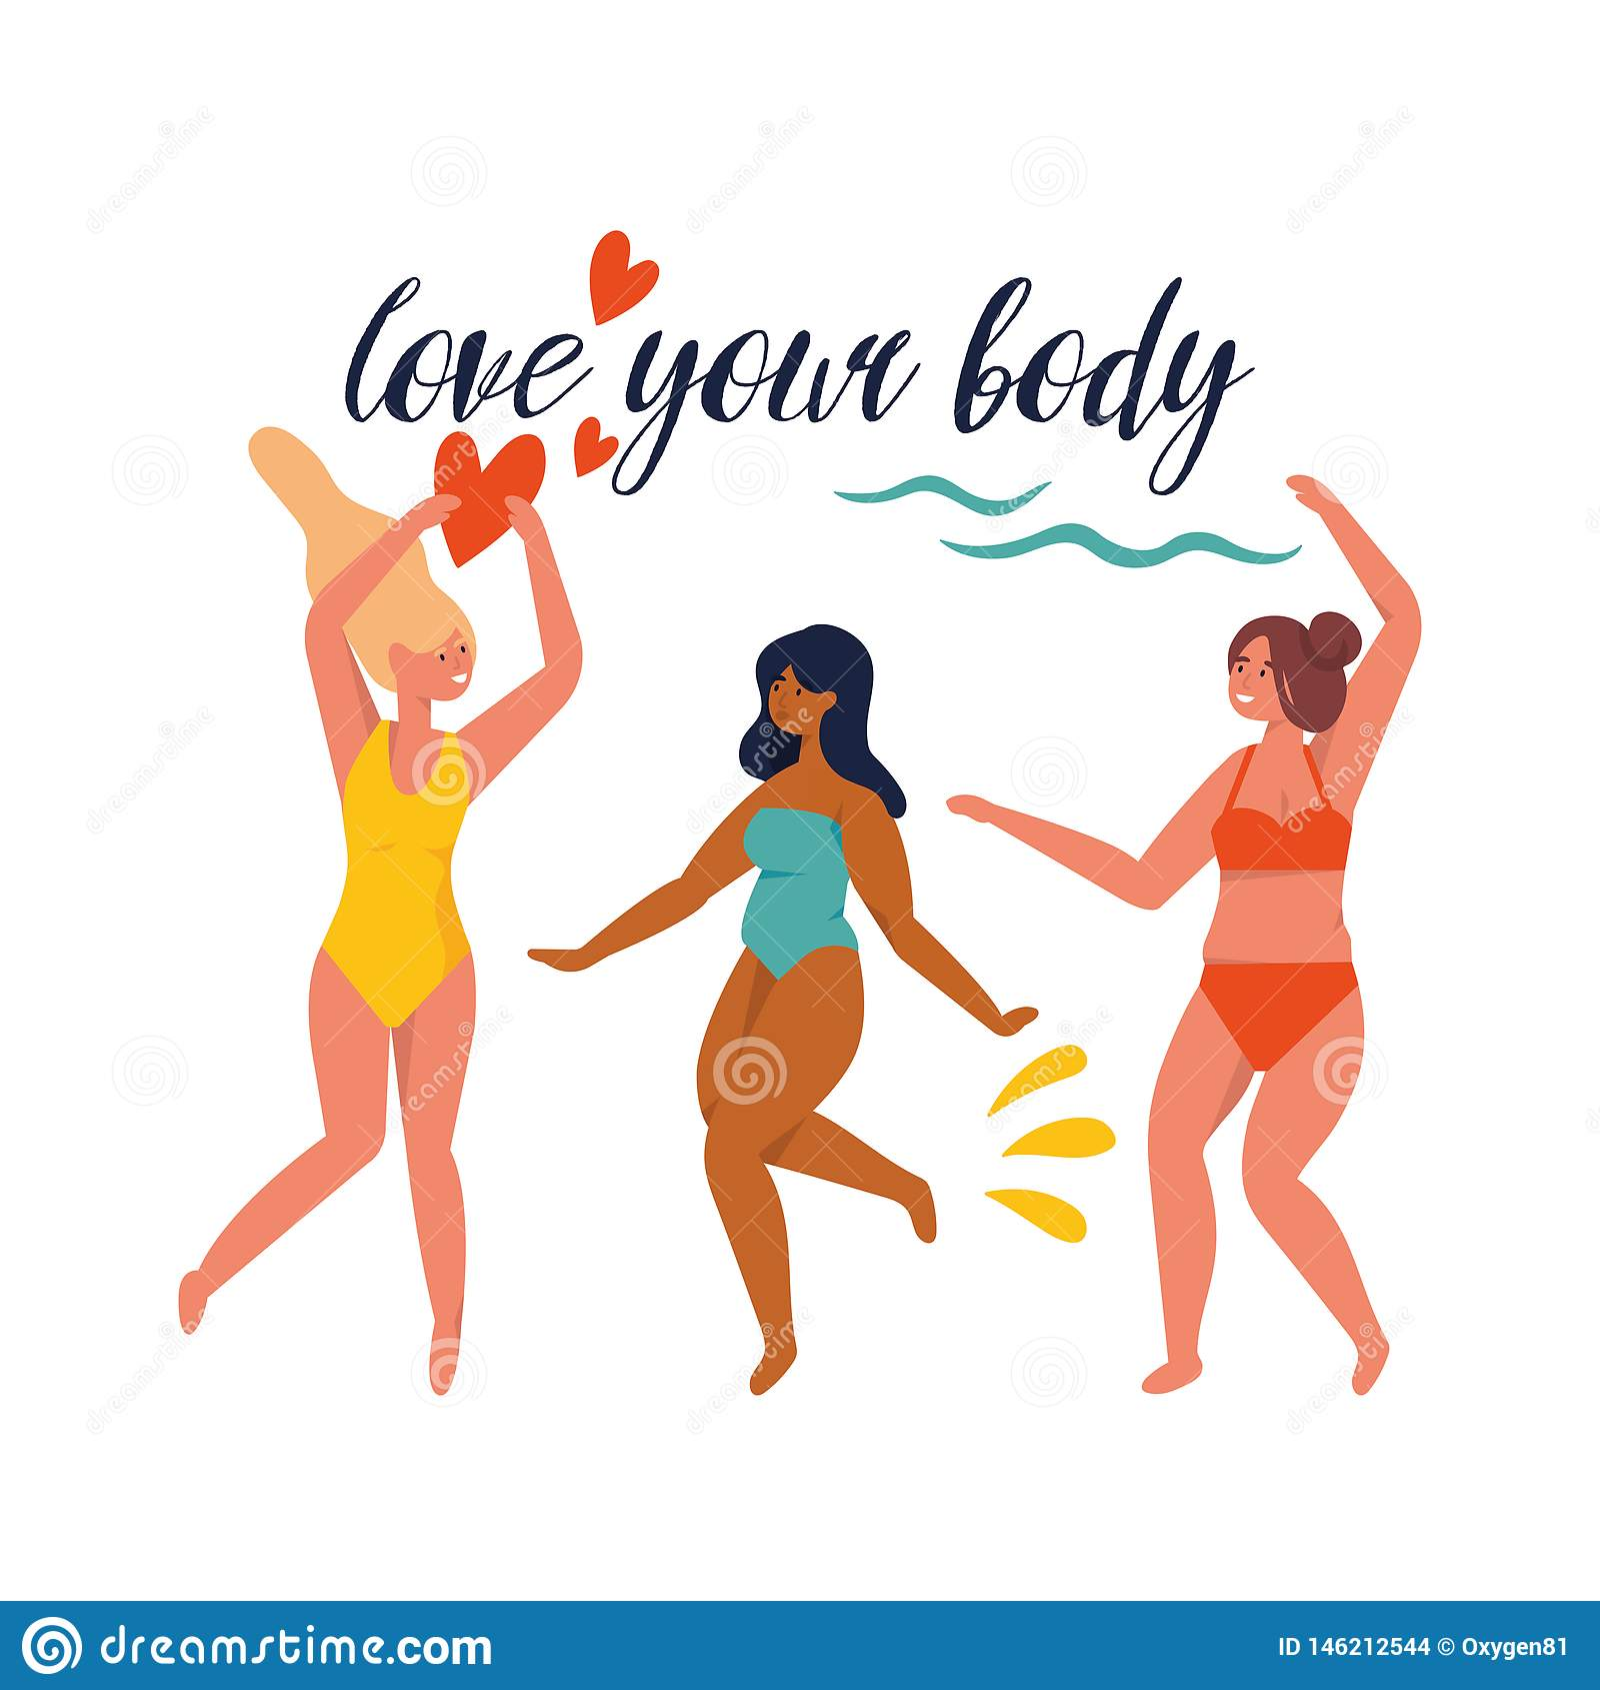 Muchachas felices del tamaño extra grande del ejemplo del vector que llevan el traje de baño en el movimiento Positivo del cuerpo